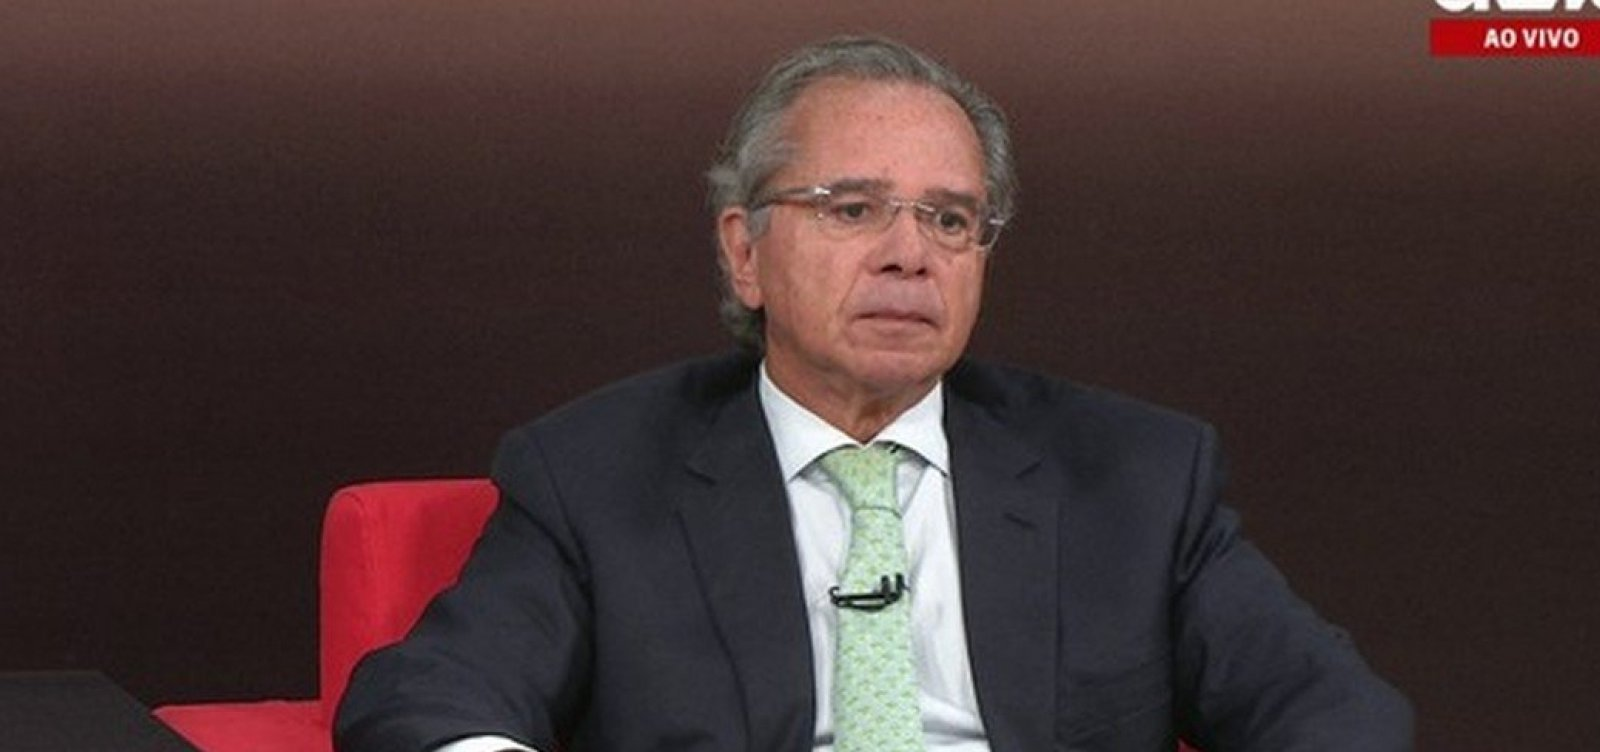 Paulo Guedes: 'Jaques Wagner é o petista mais inteligente de todos'